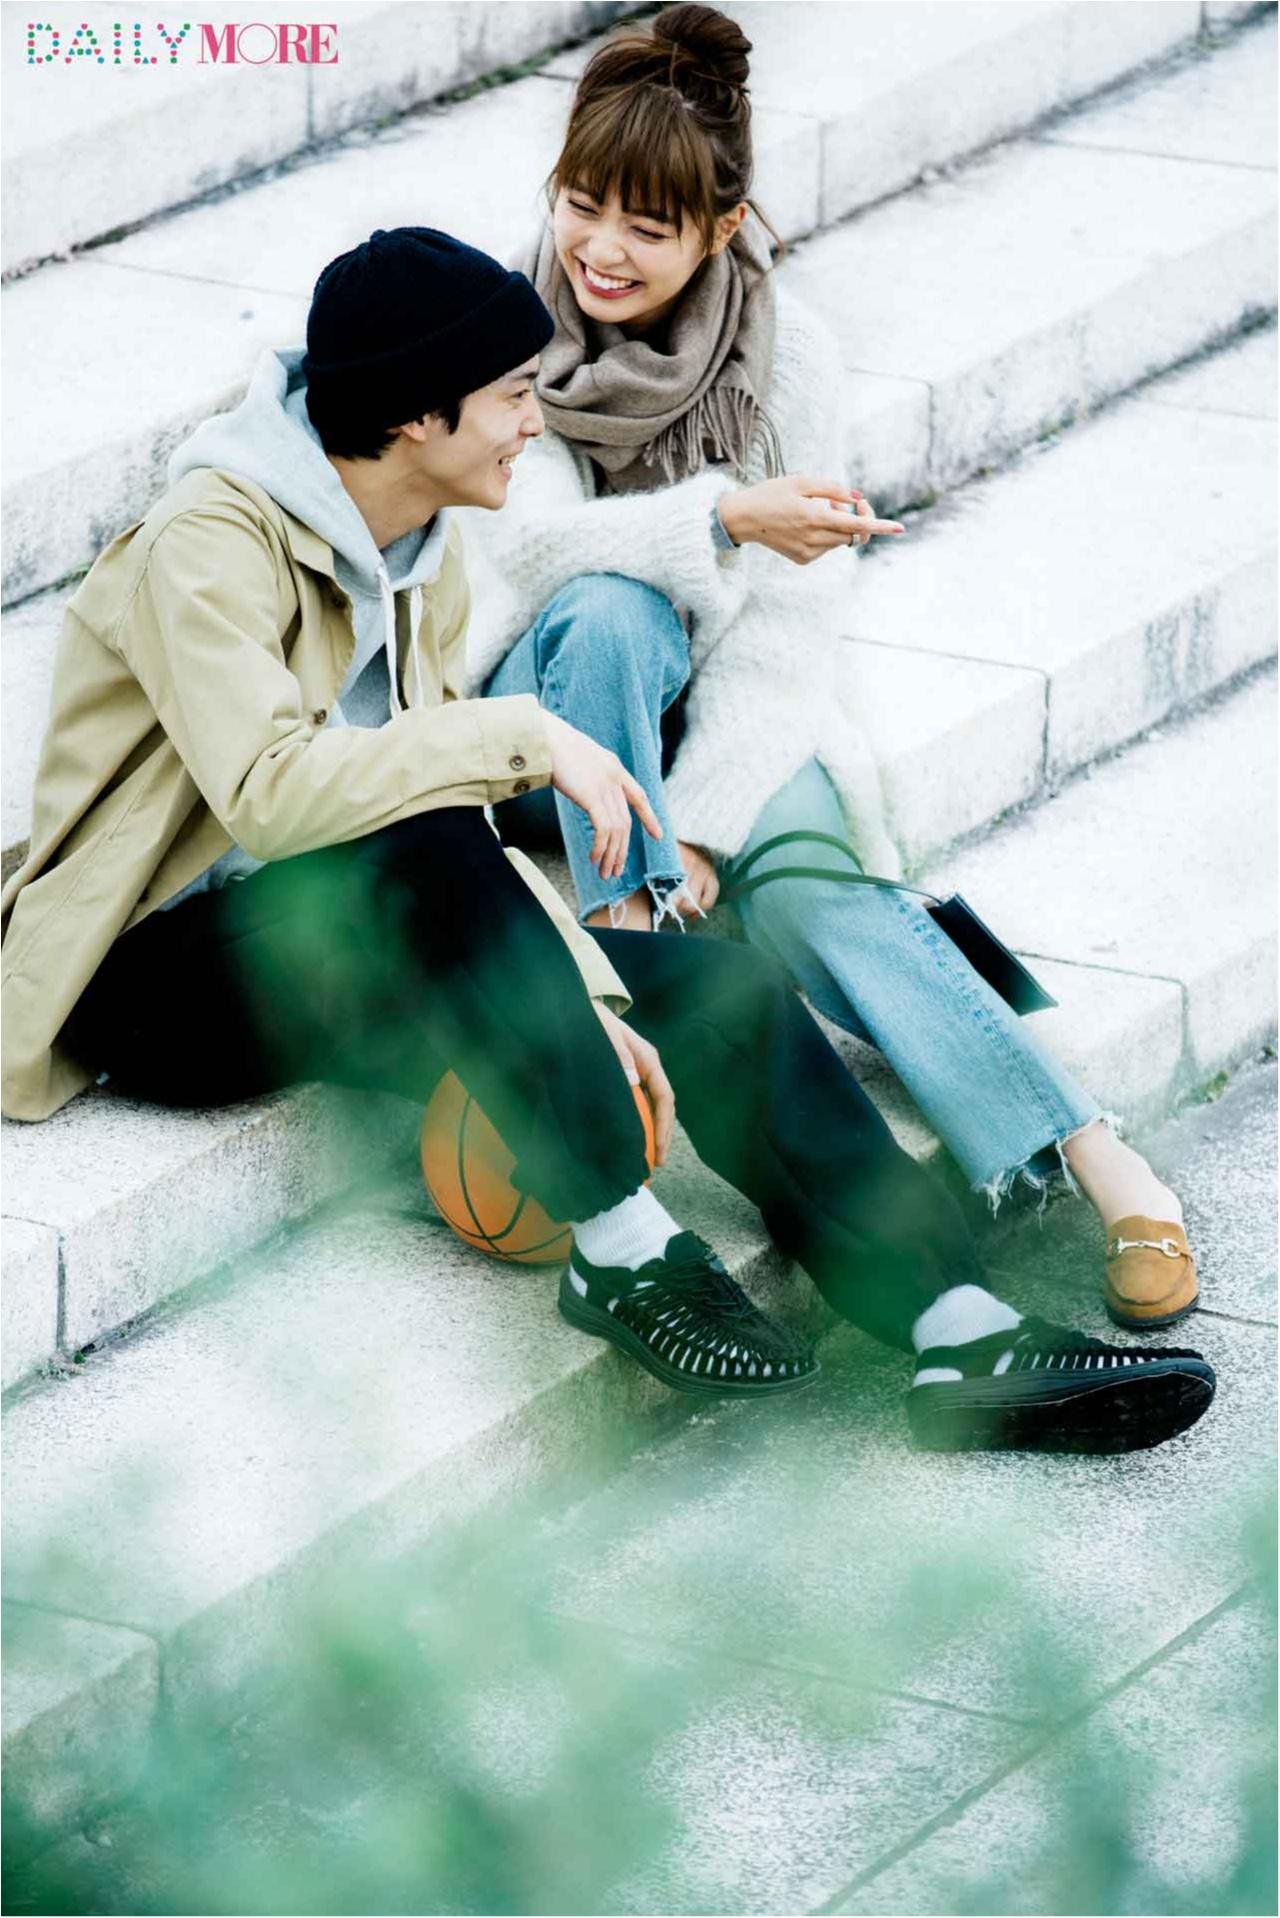 【今日のコーデ/内田理央】気になる男の子と遊びに行く日曜日は好印象カジュアルで決まり♪_1